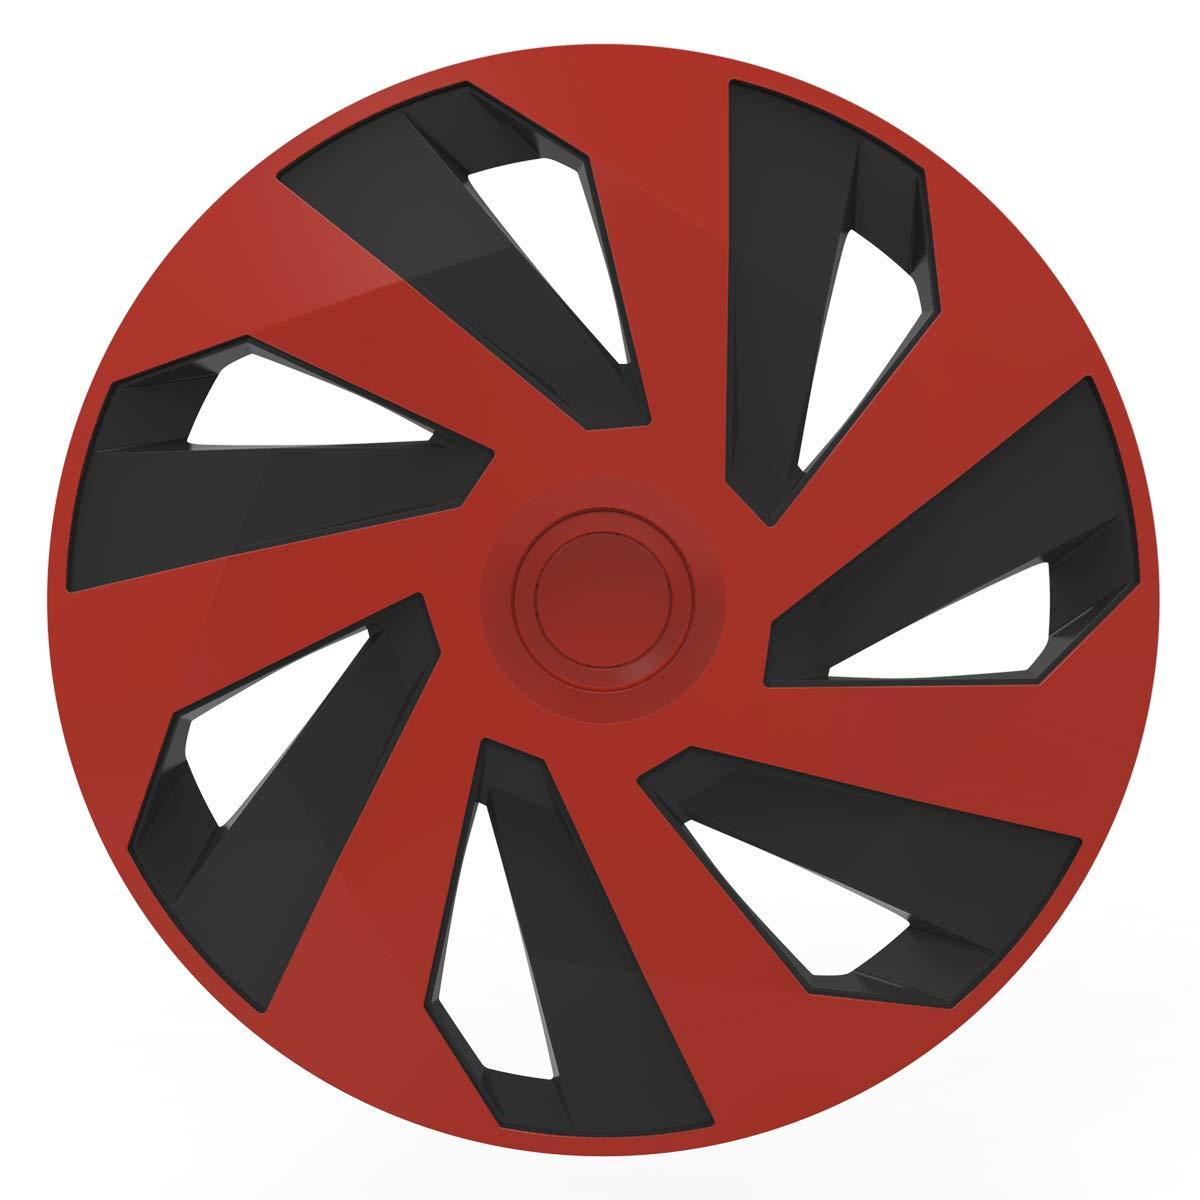 Schwarz 4 St/ück 15 Zoll VERSACO VECTORRB15 Vector Radzierblende Rot Universalgr/ö/ße